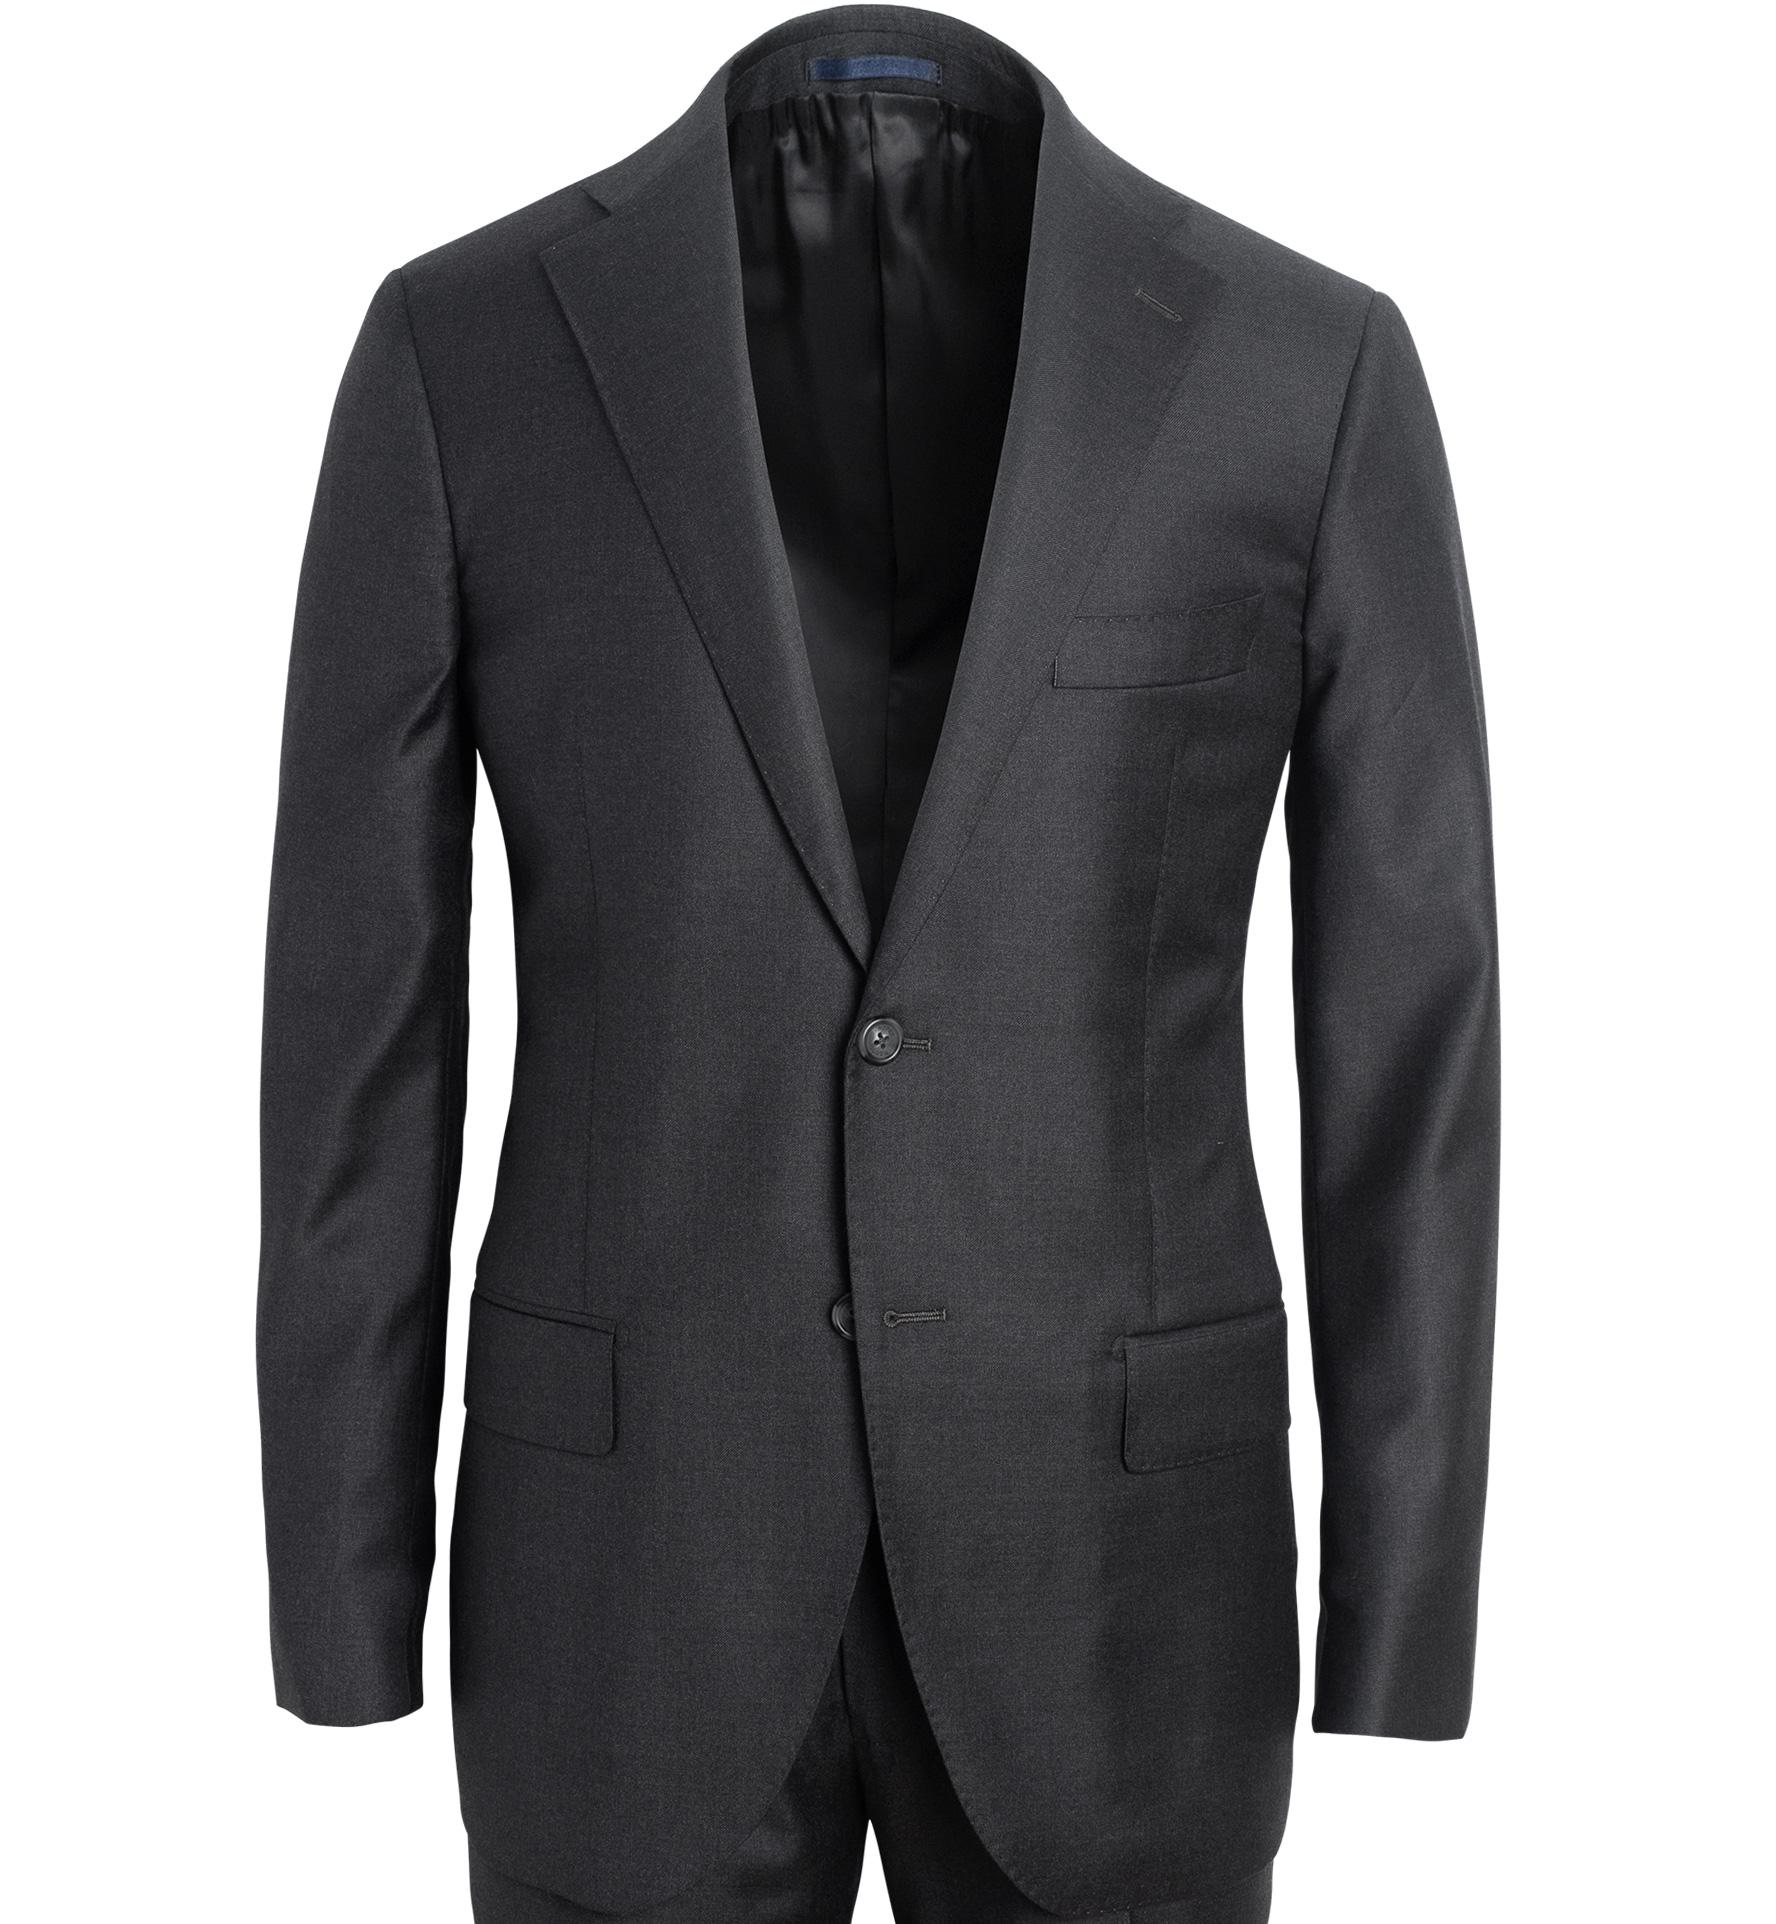 Zoom Image of Allen Grey S130s Wool Suit Jacket